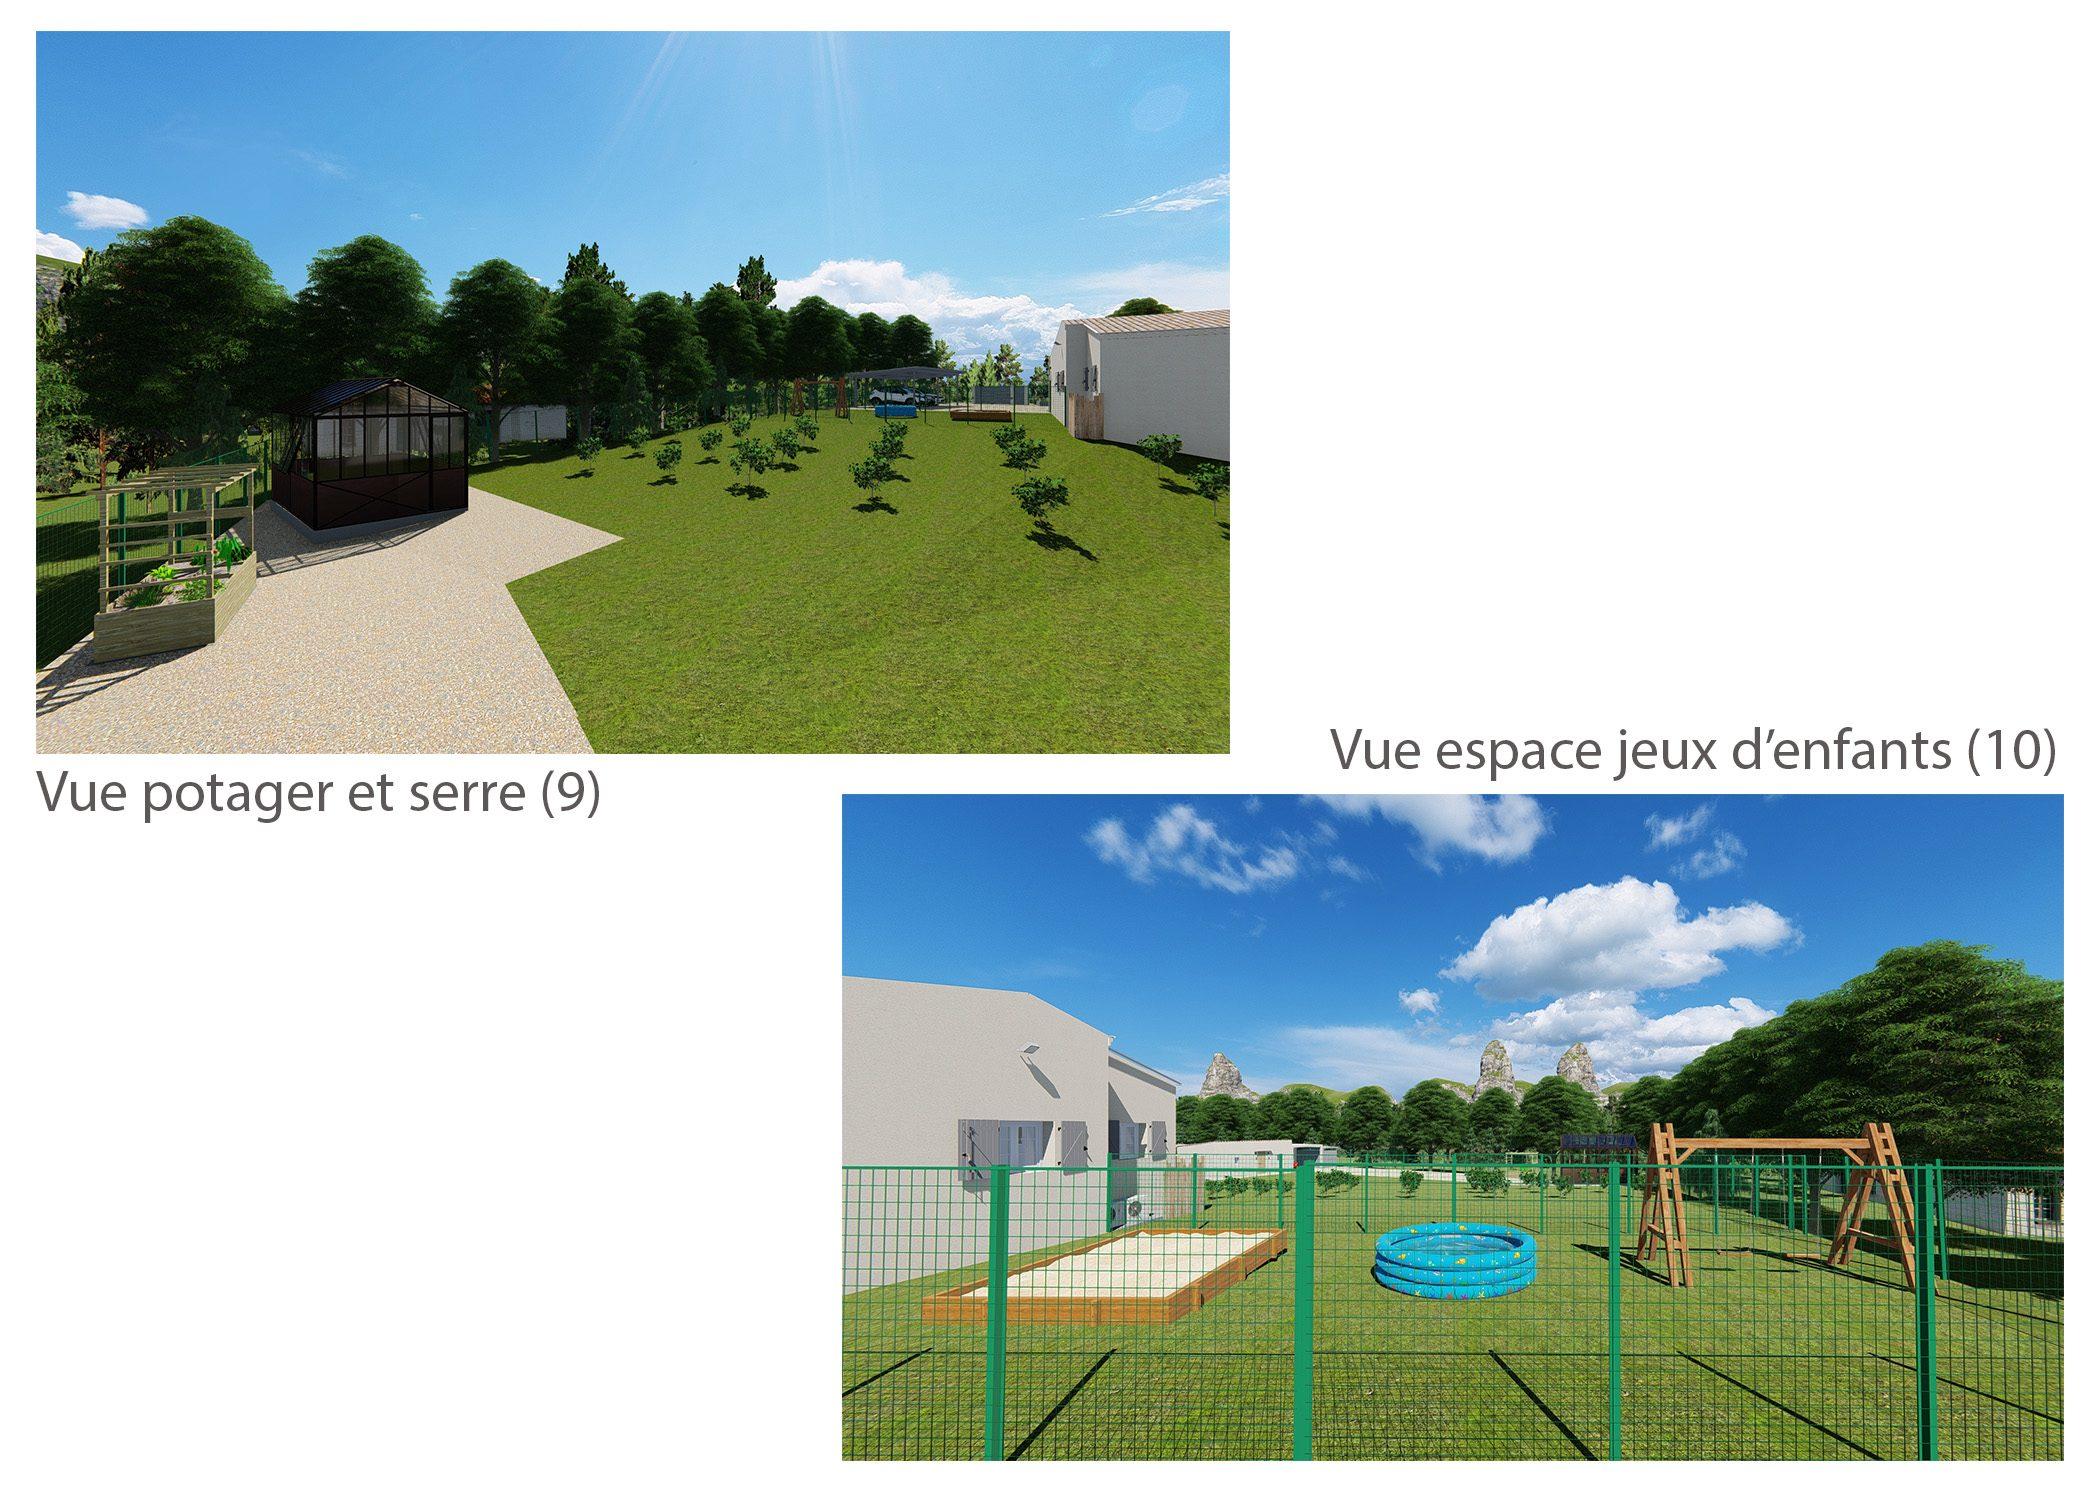 agencement terrain fuveau-espace exterieur-vues espaces potager et jeux d'enfants-dekho design